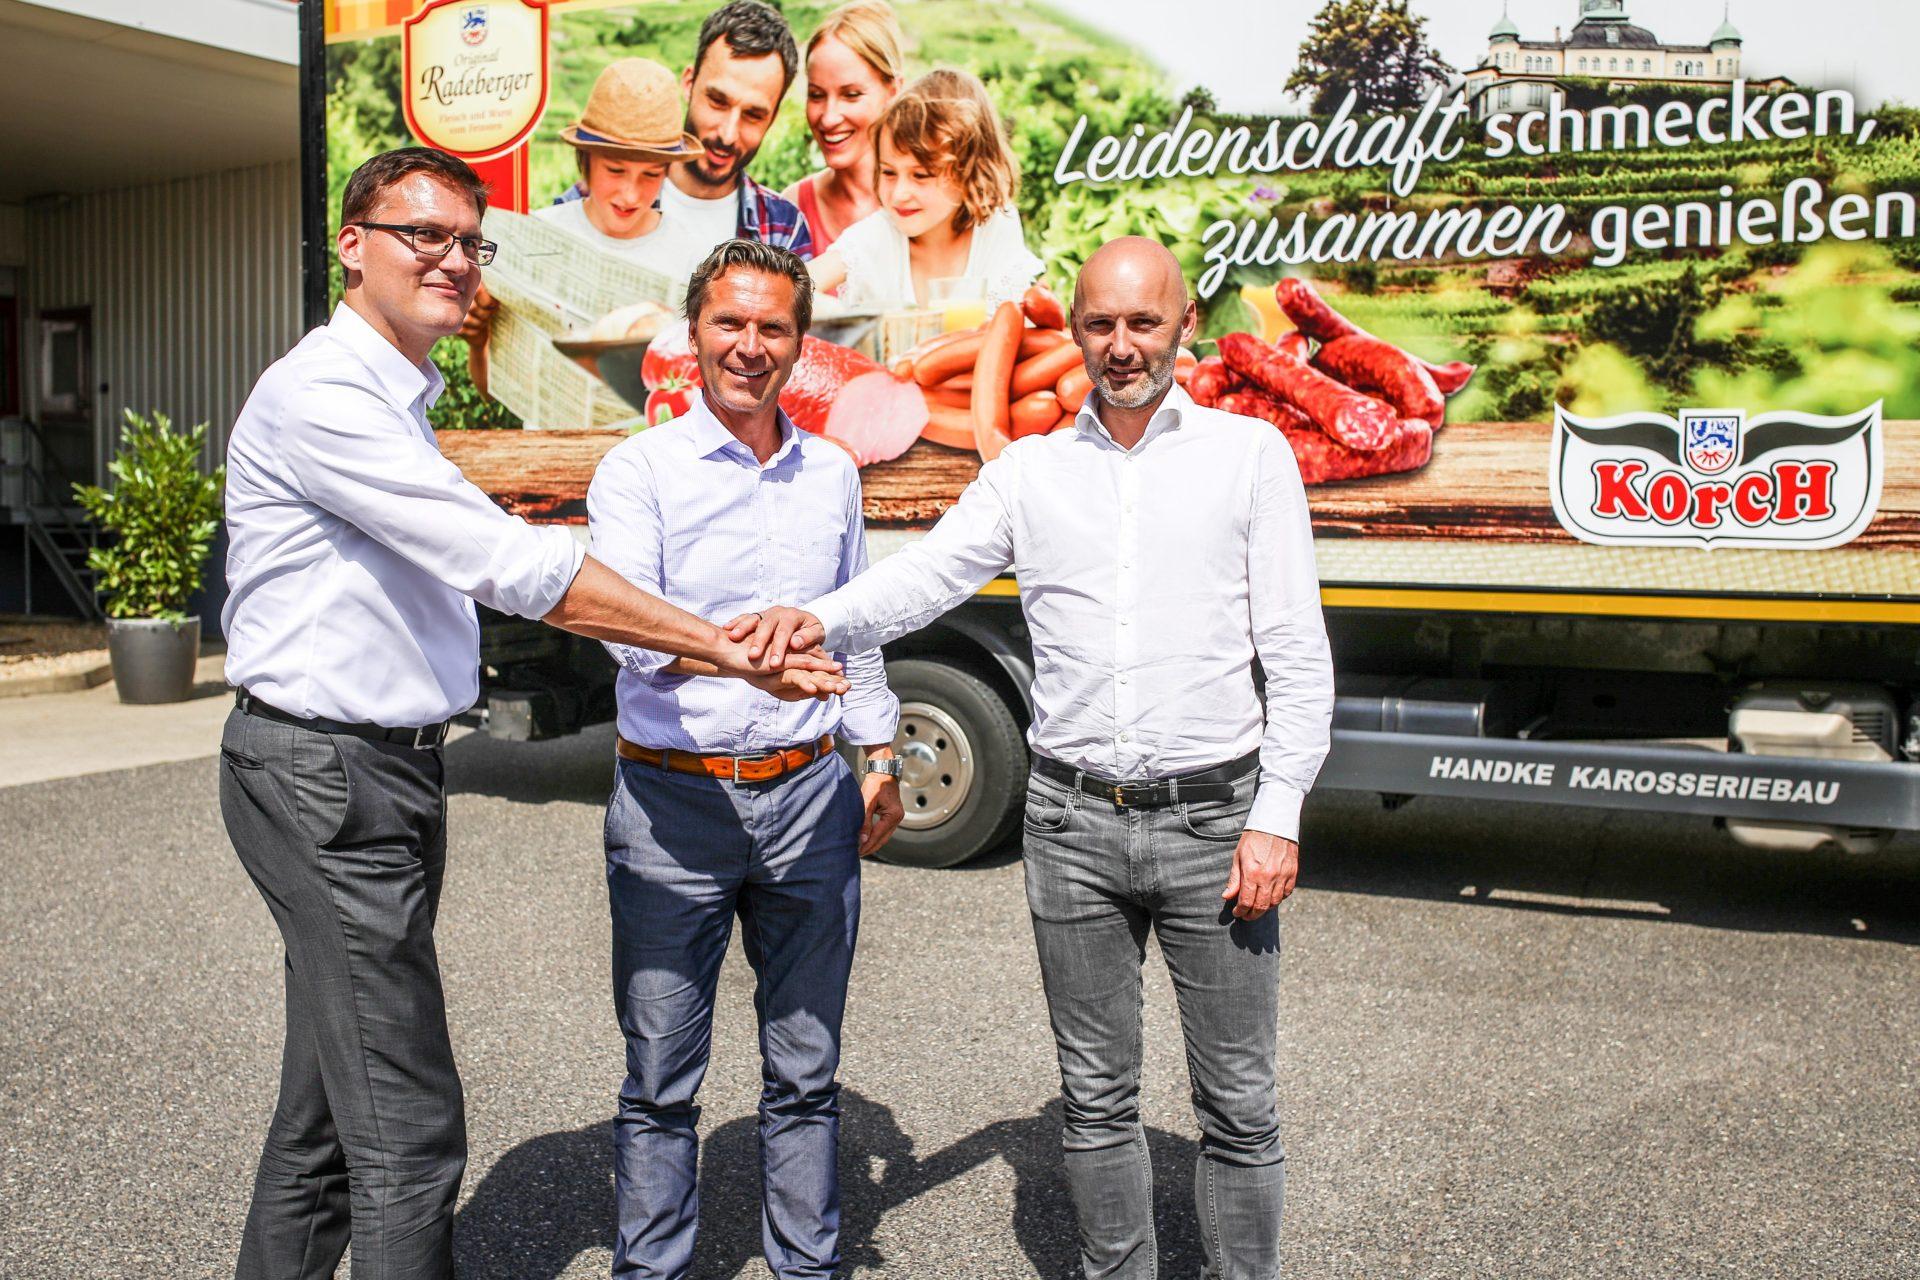 SIB-Geschäftsführer Christian Müller (re.), Michael Korch (m.) und Felix Alber (li.) posieren beim gemeinsamen Handshake vor einem der neuen Lieferfahrzeuge.